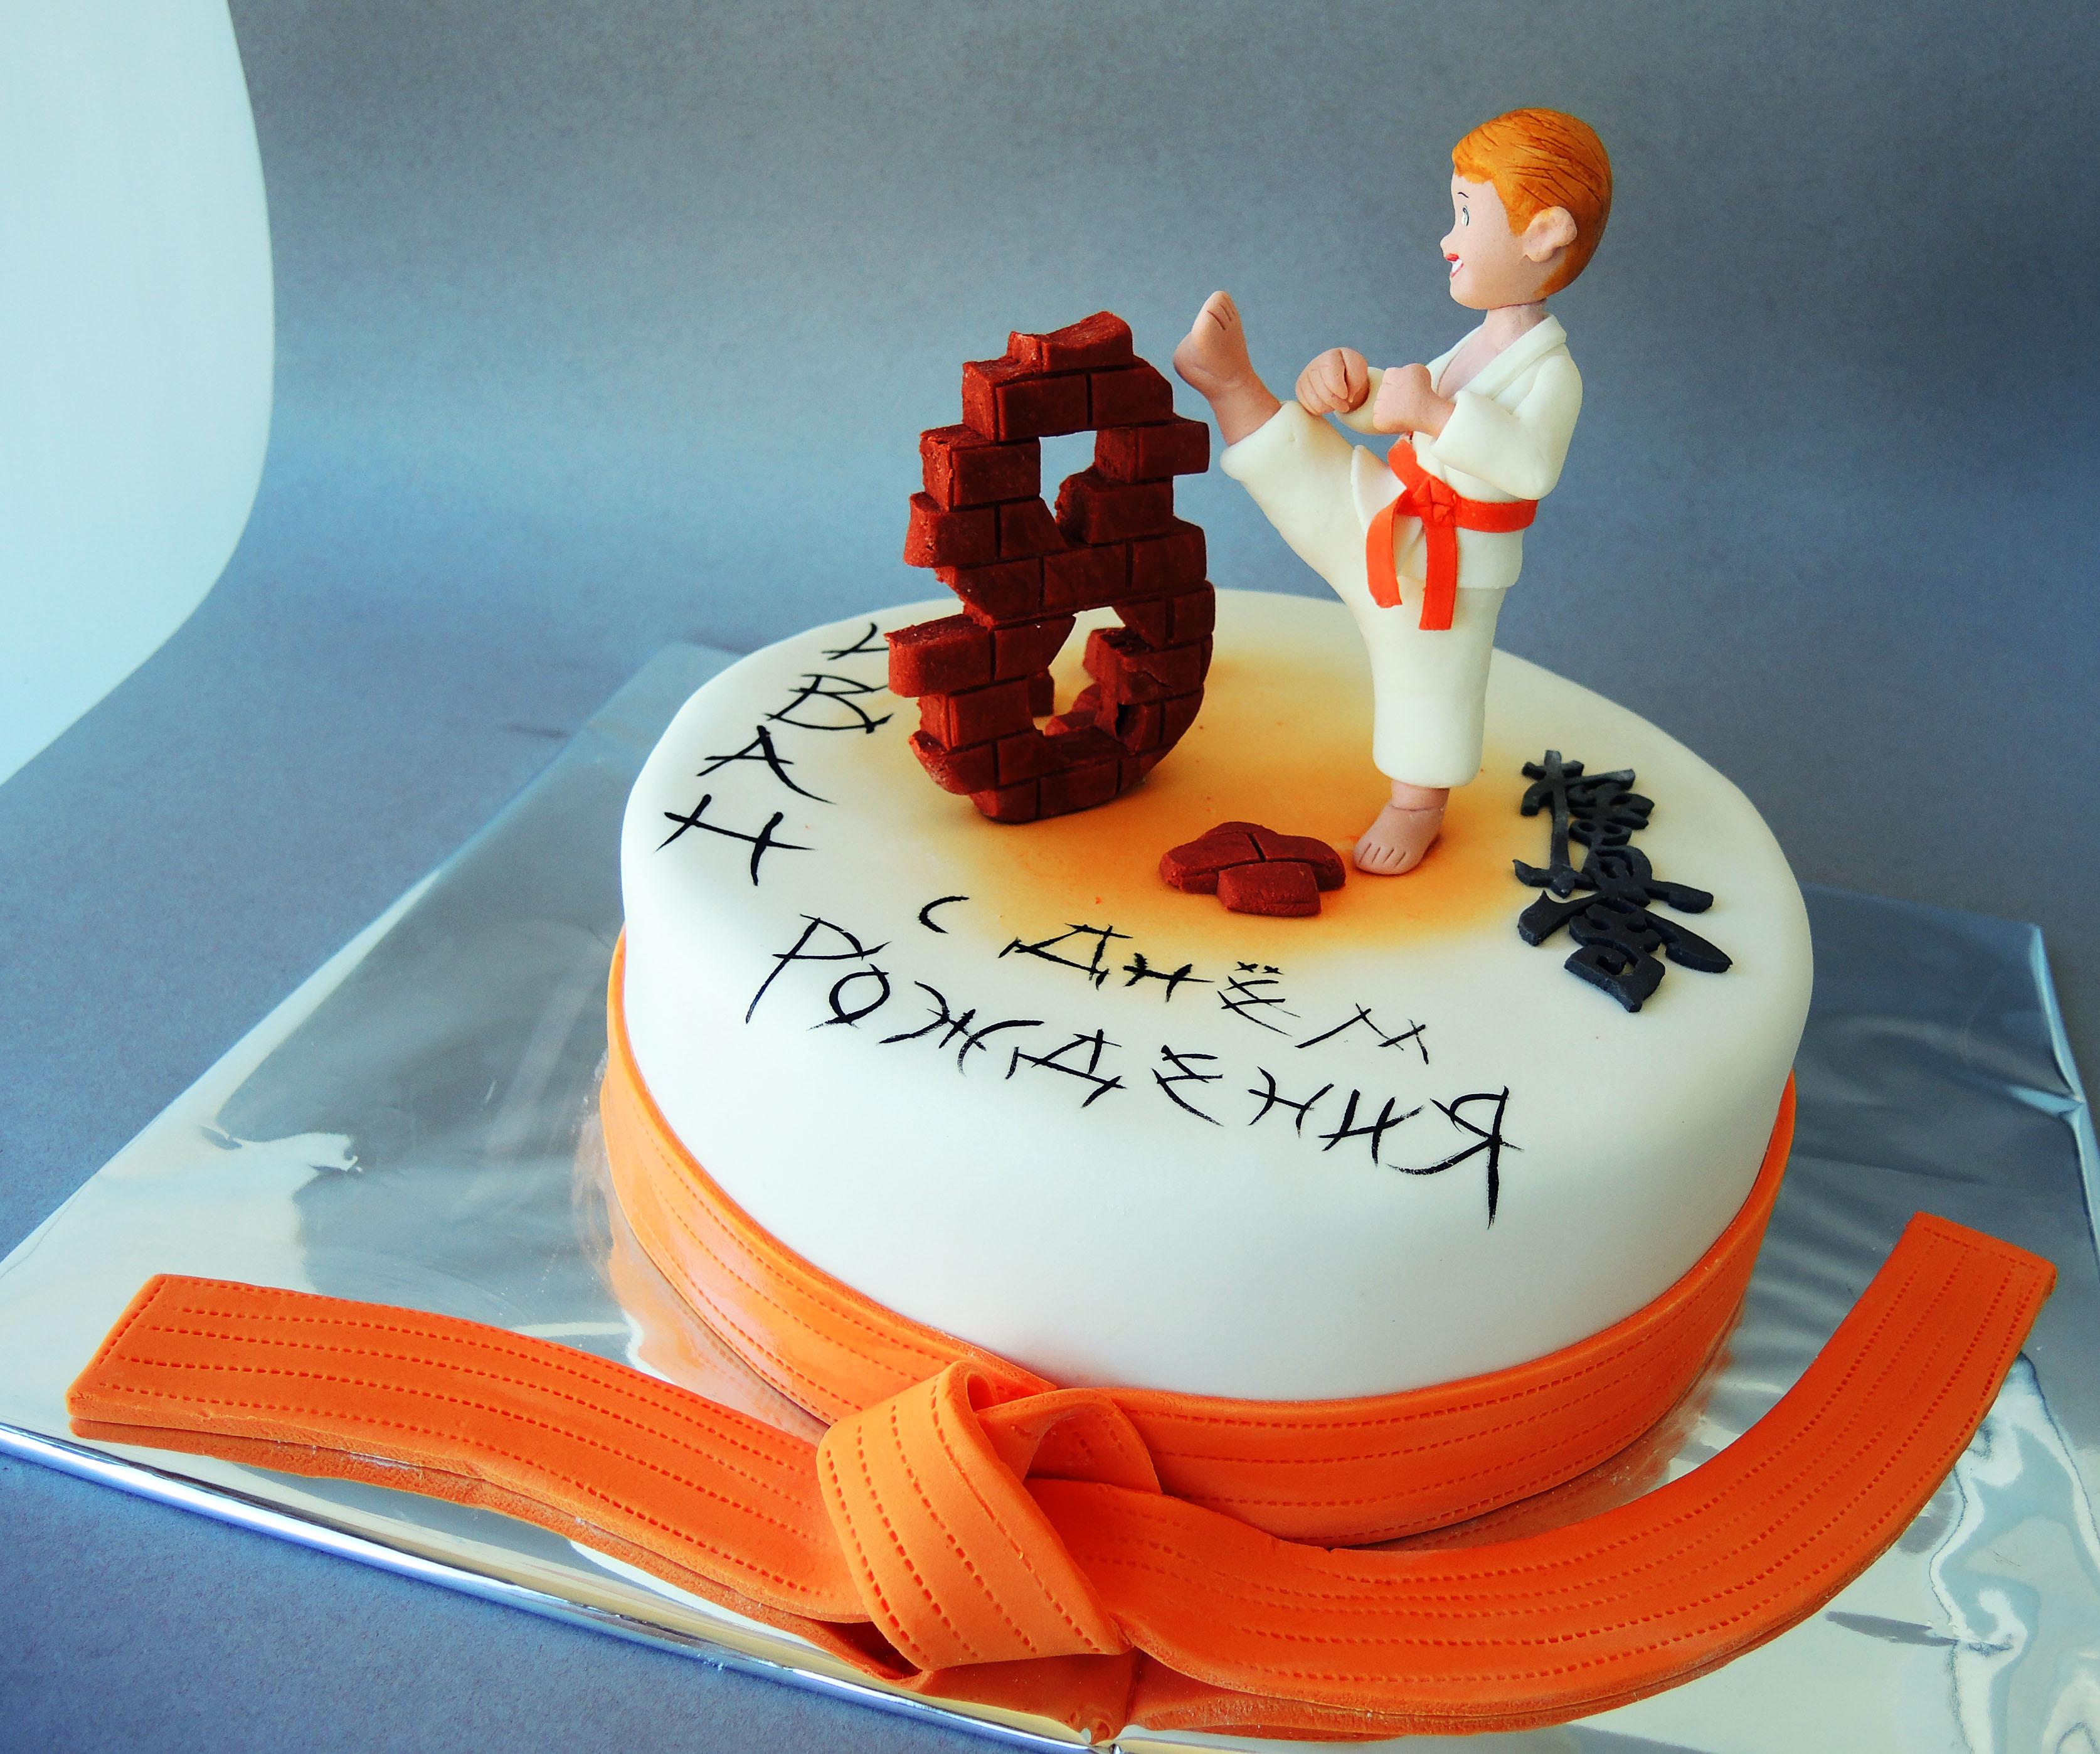 День свадьбы, картинка поздравления с днем рождения каратиста